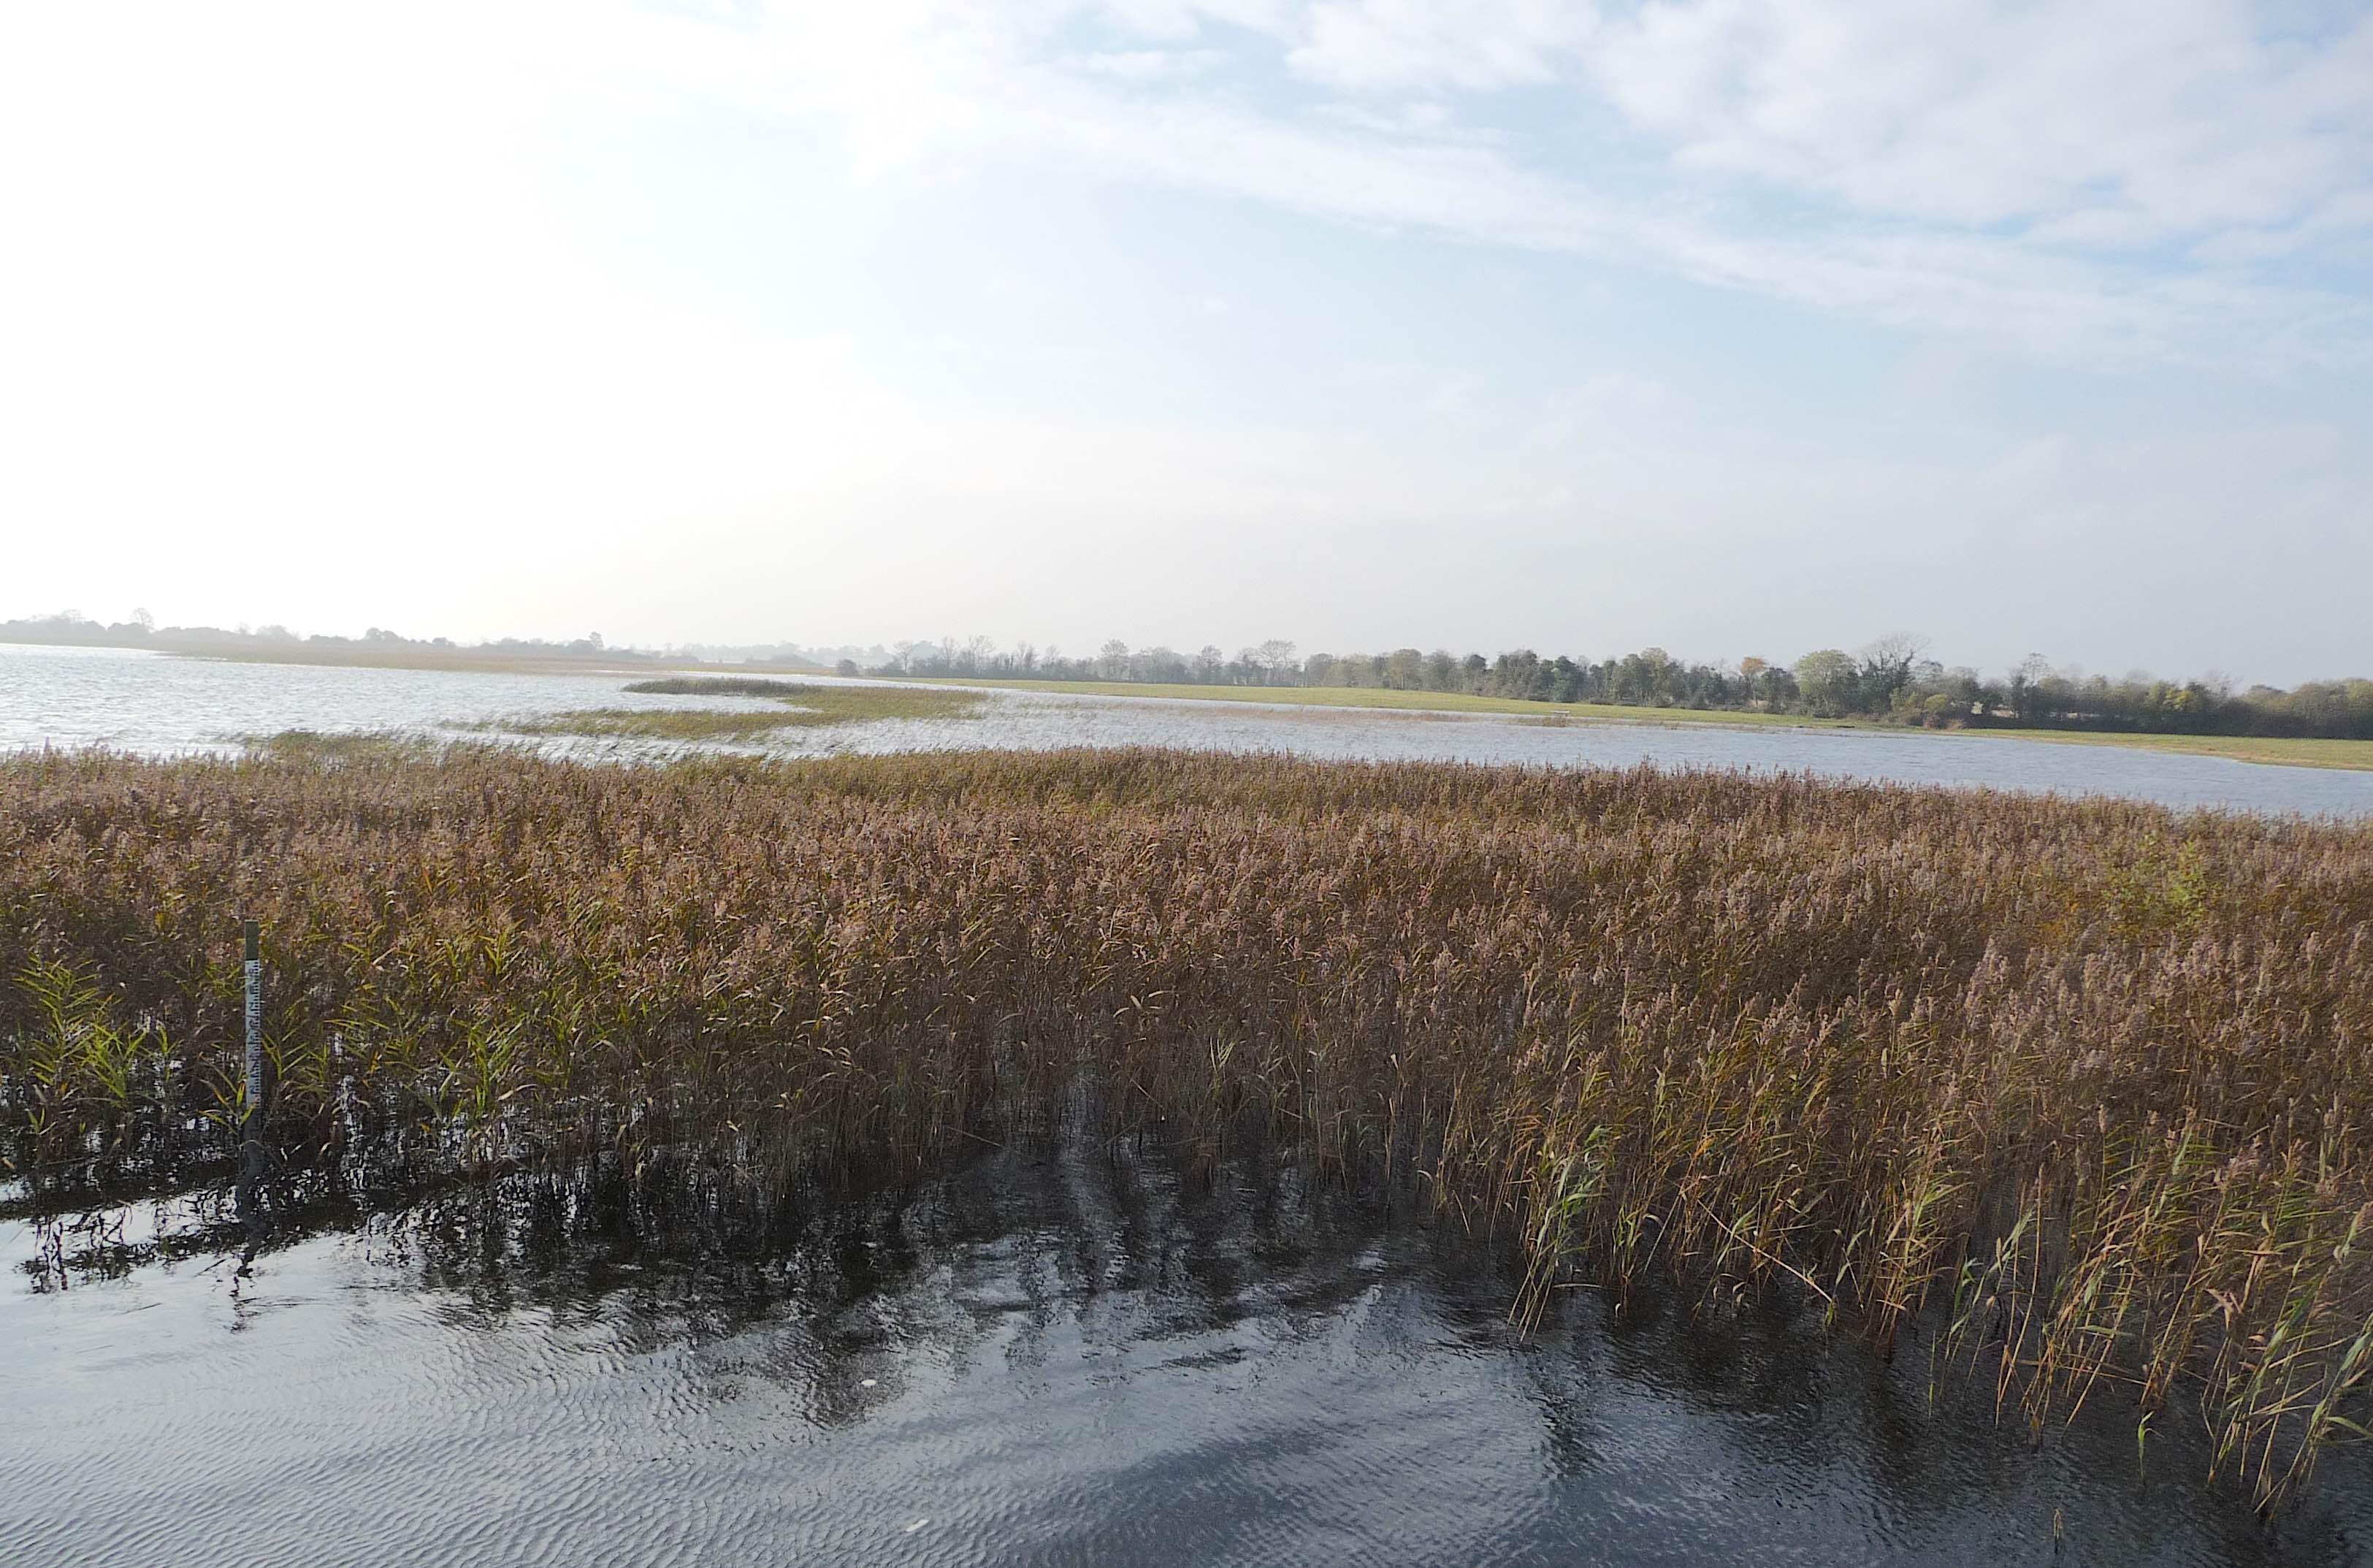 5.Lough Ree